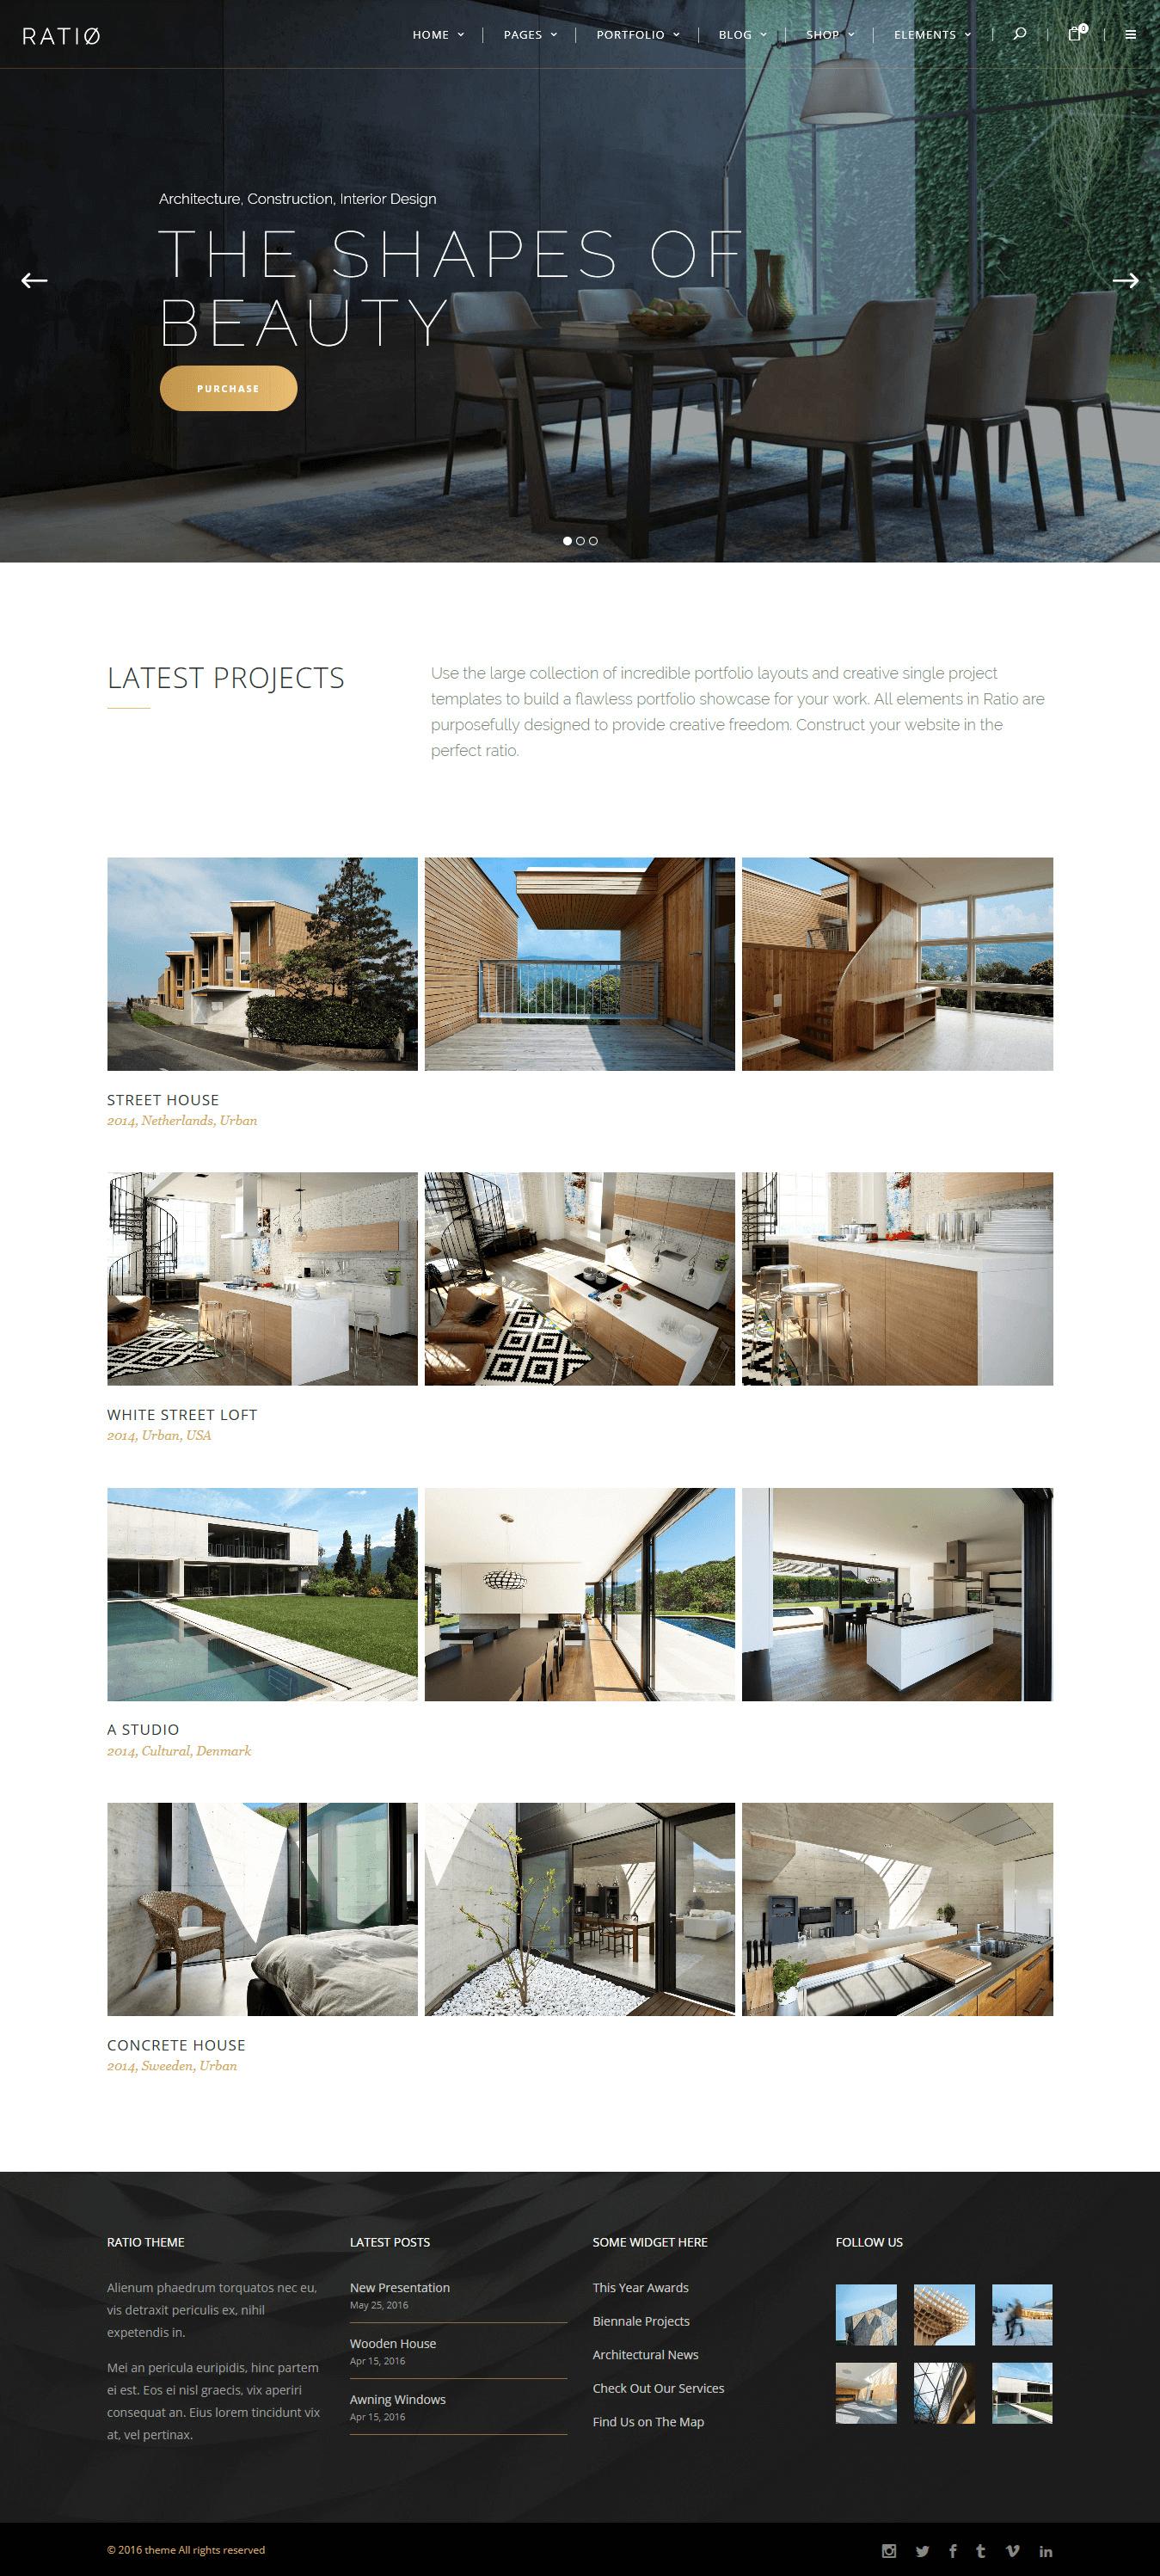 Ratio - Mejor tema de WordPress para diseño de interiores premium